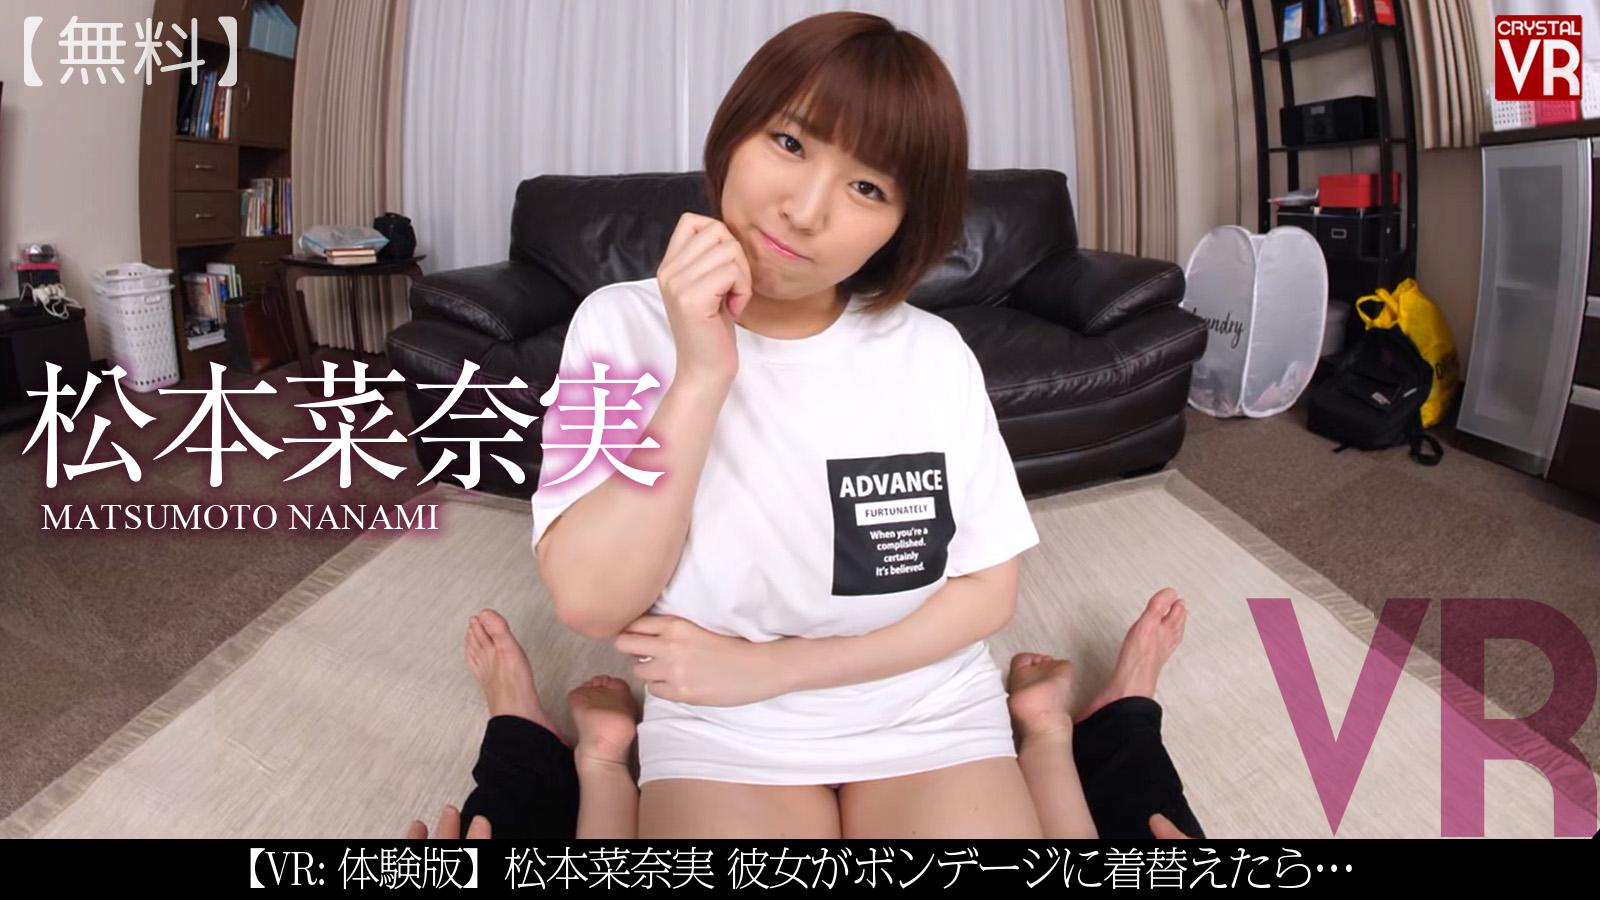 【無料 4K匠】体験版:松本菜奈実 彼女がボンデージに着替えたら…ボンデージその前に!